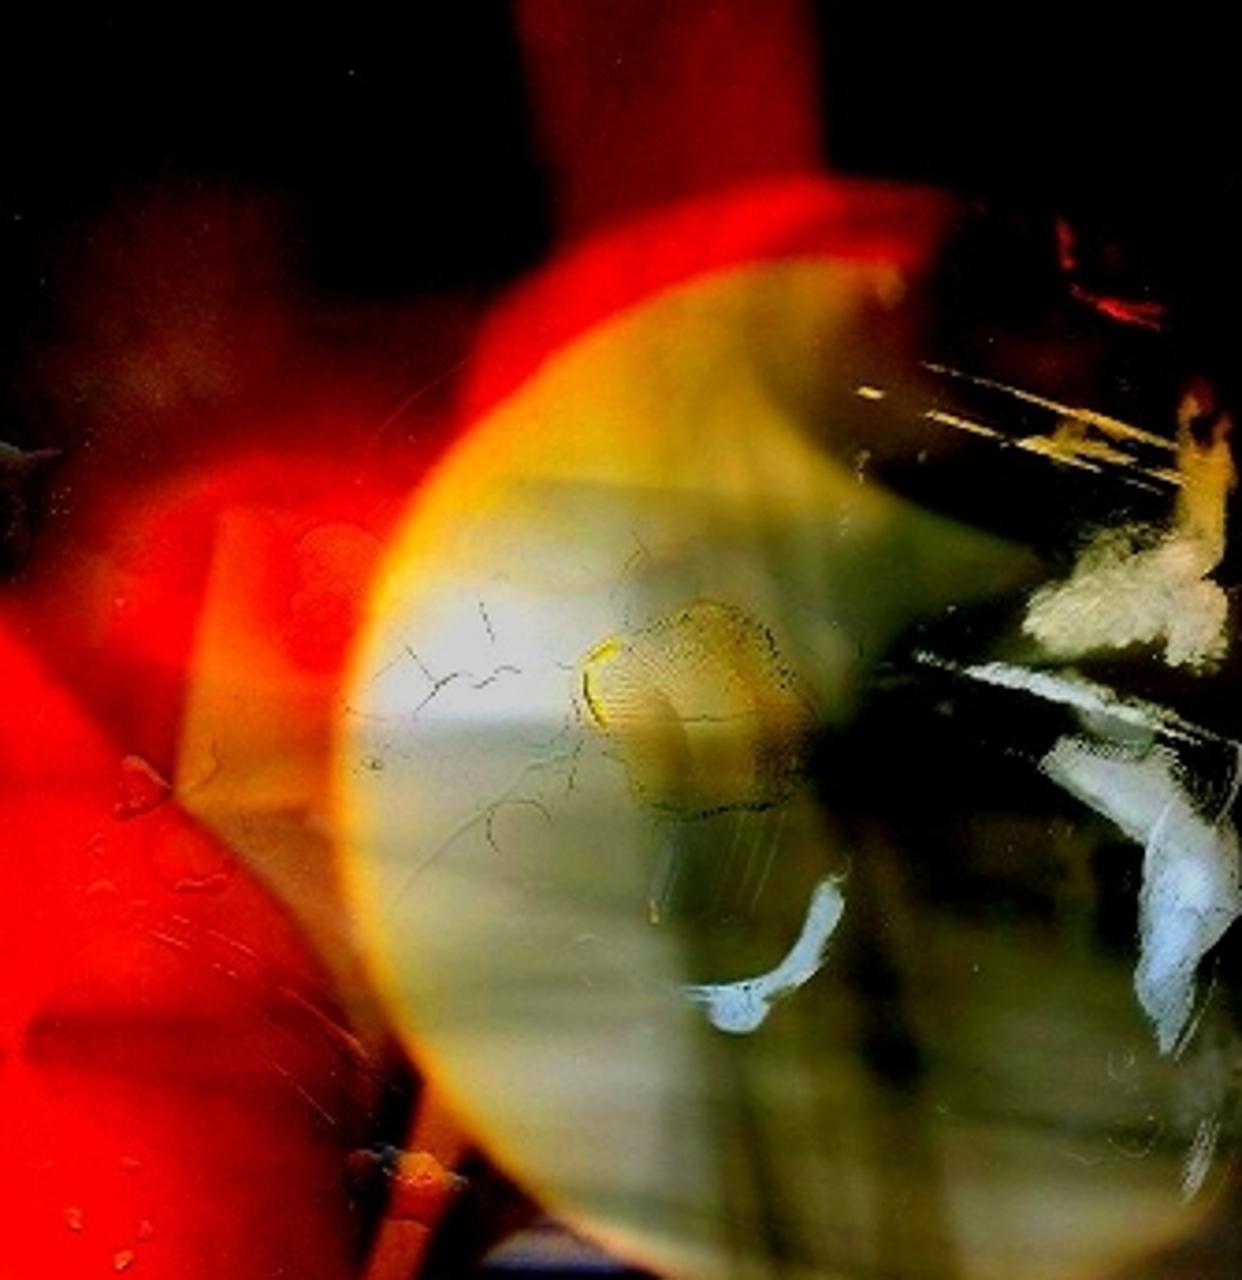 Lichtbild 1 Echter Foto-Abzug unter Acrylglas 76,3 x 78,7 cm